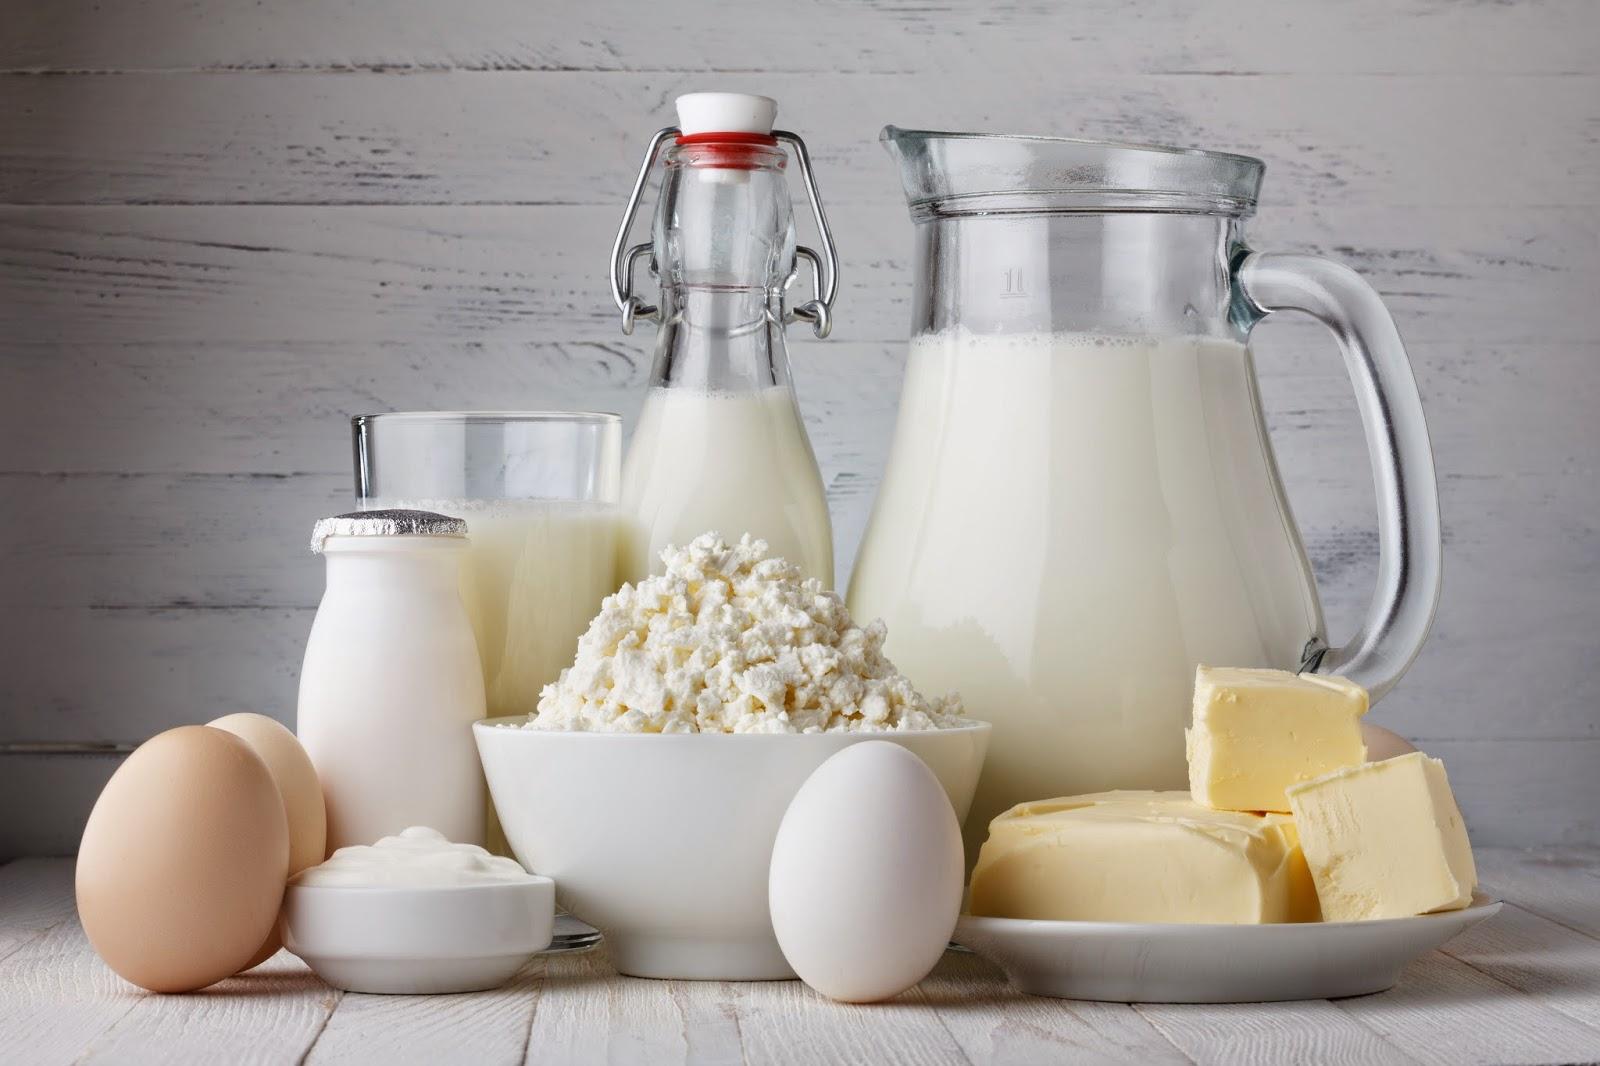 جزییات افزایش قیمت شیر و لبنیات +سند